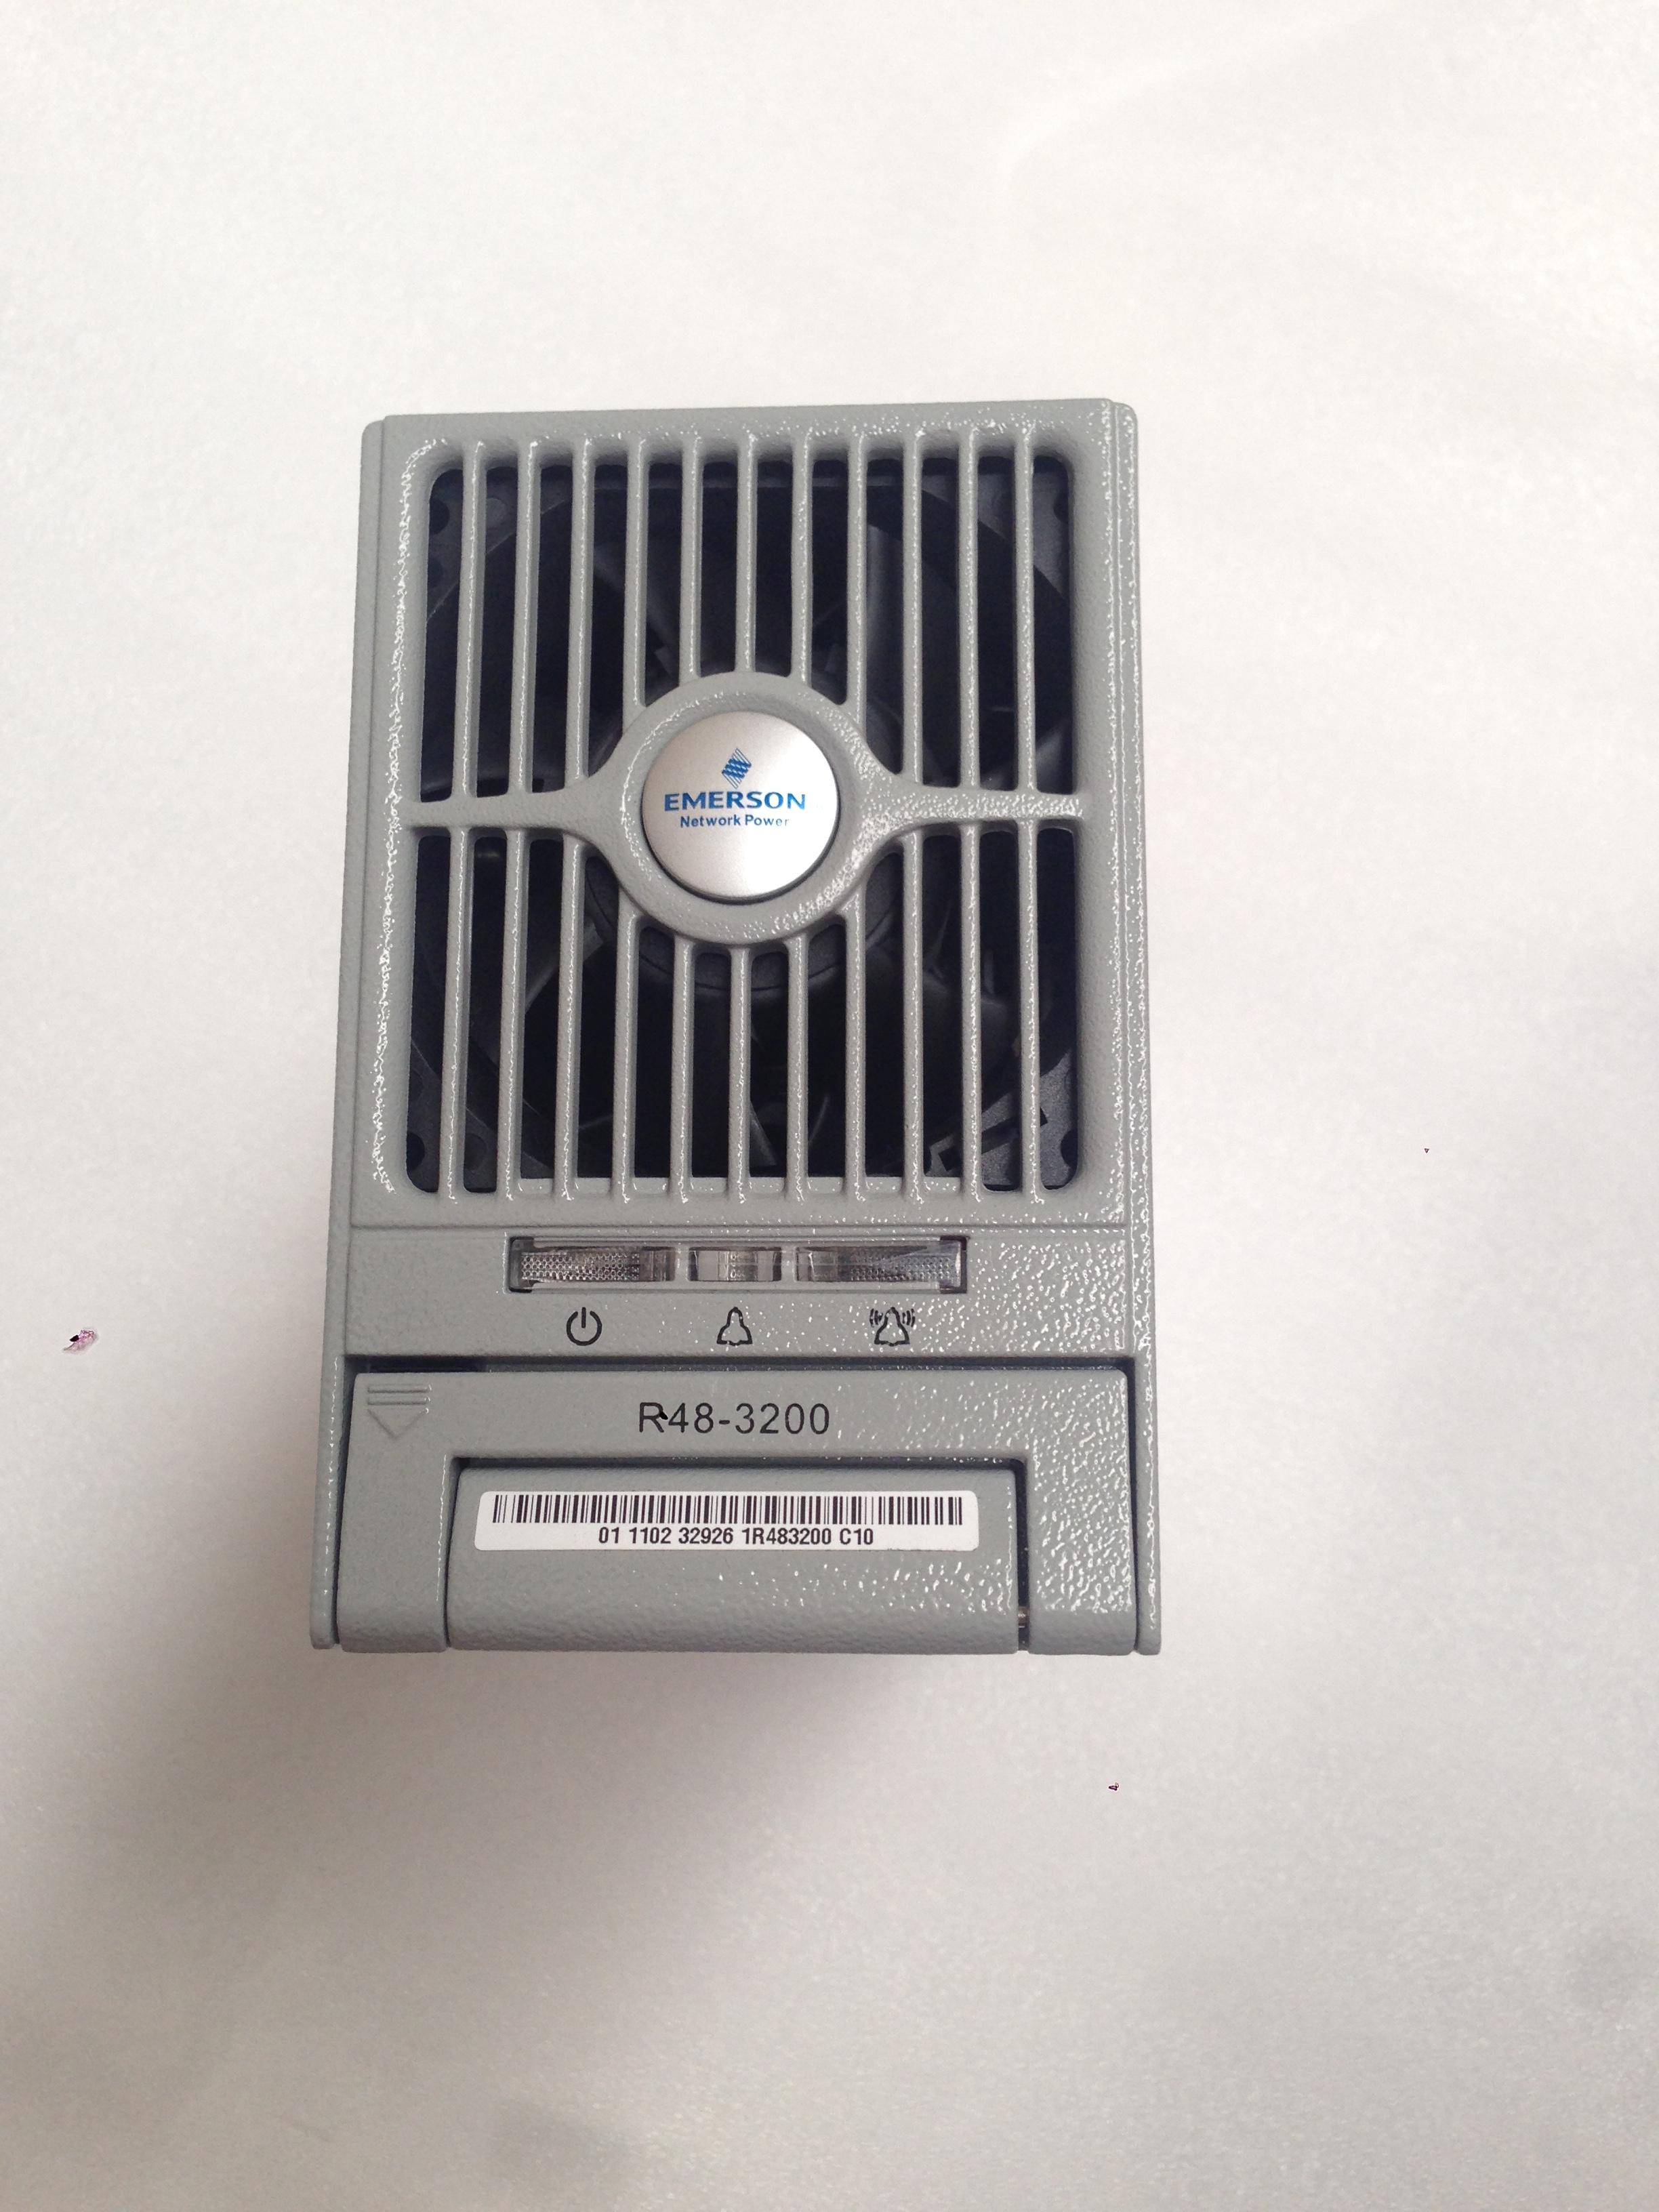 R48-3200 Emerson Emerson, módulo de fuente de energía